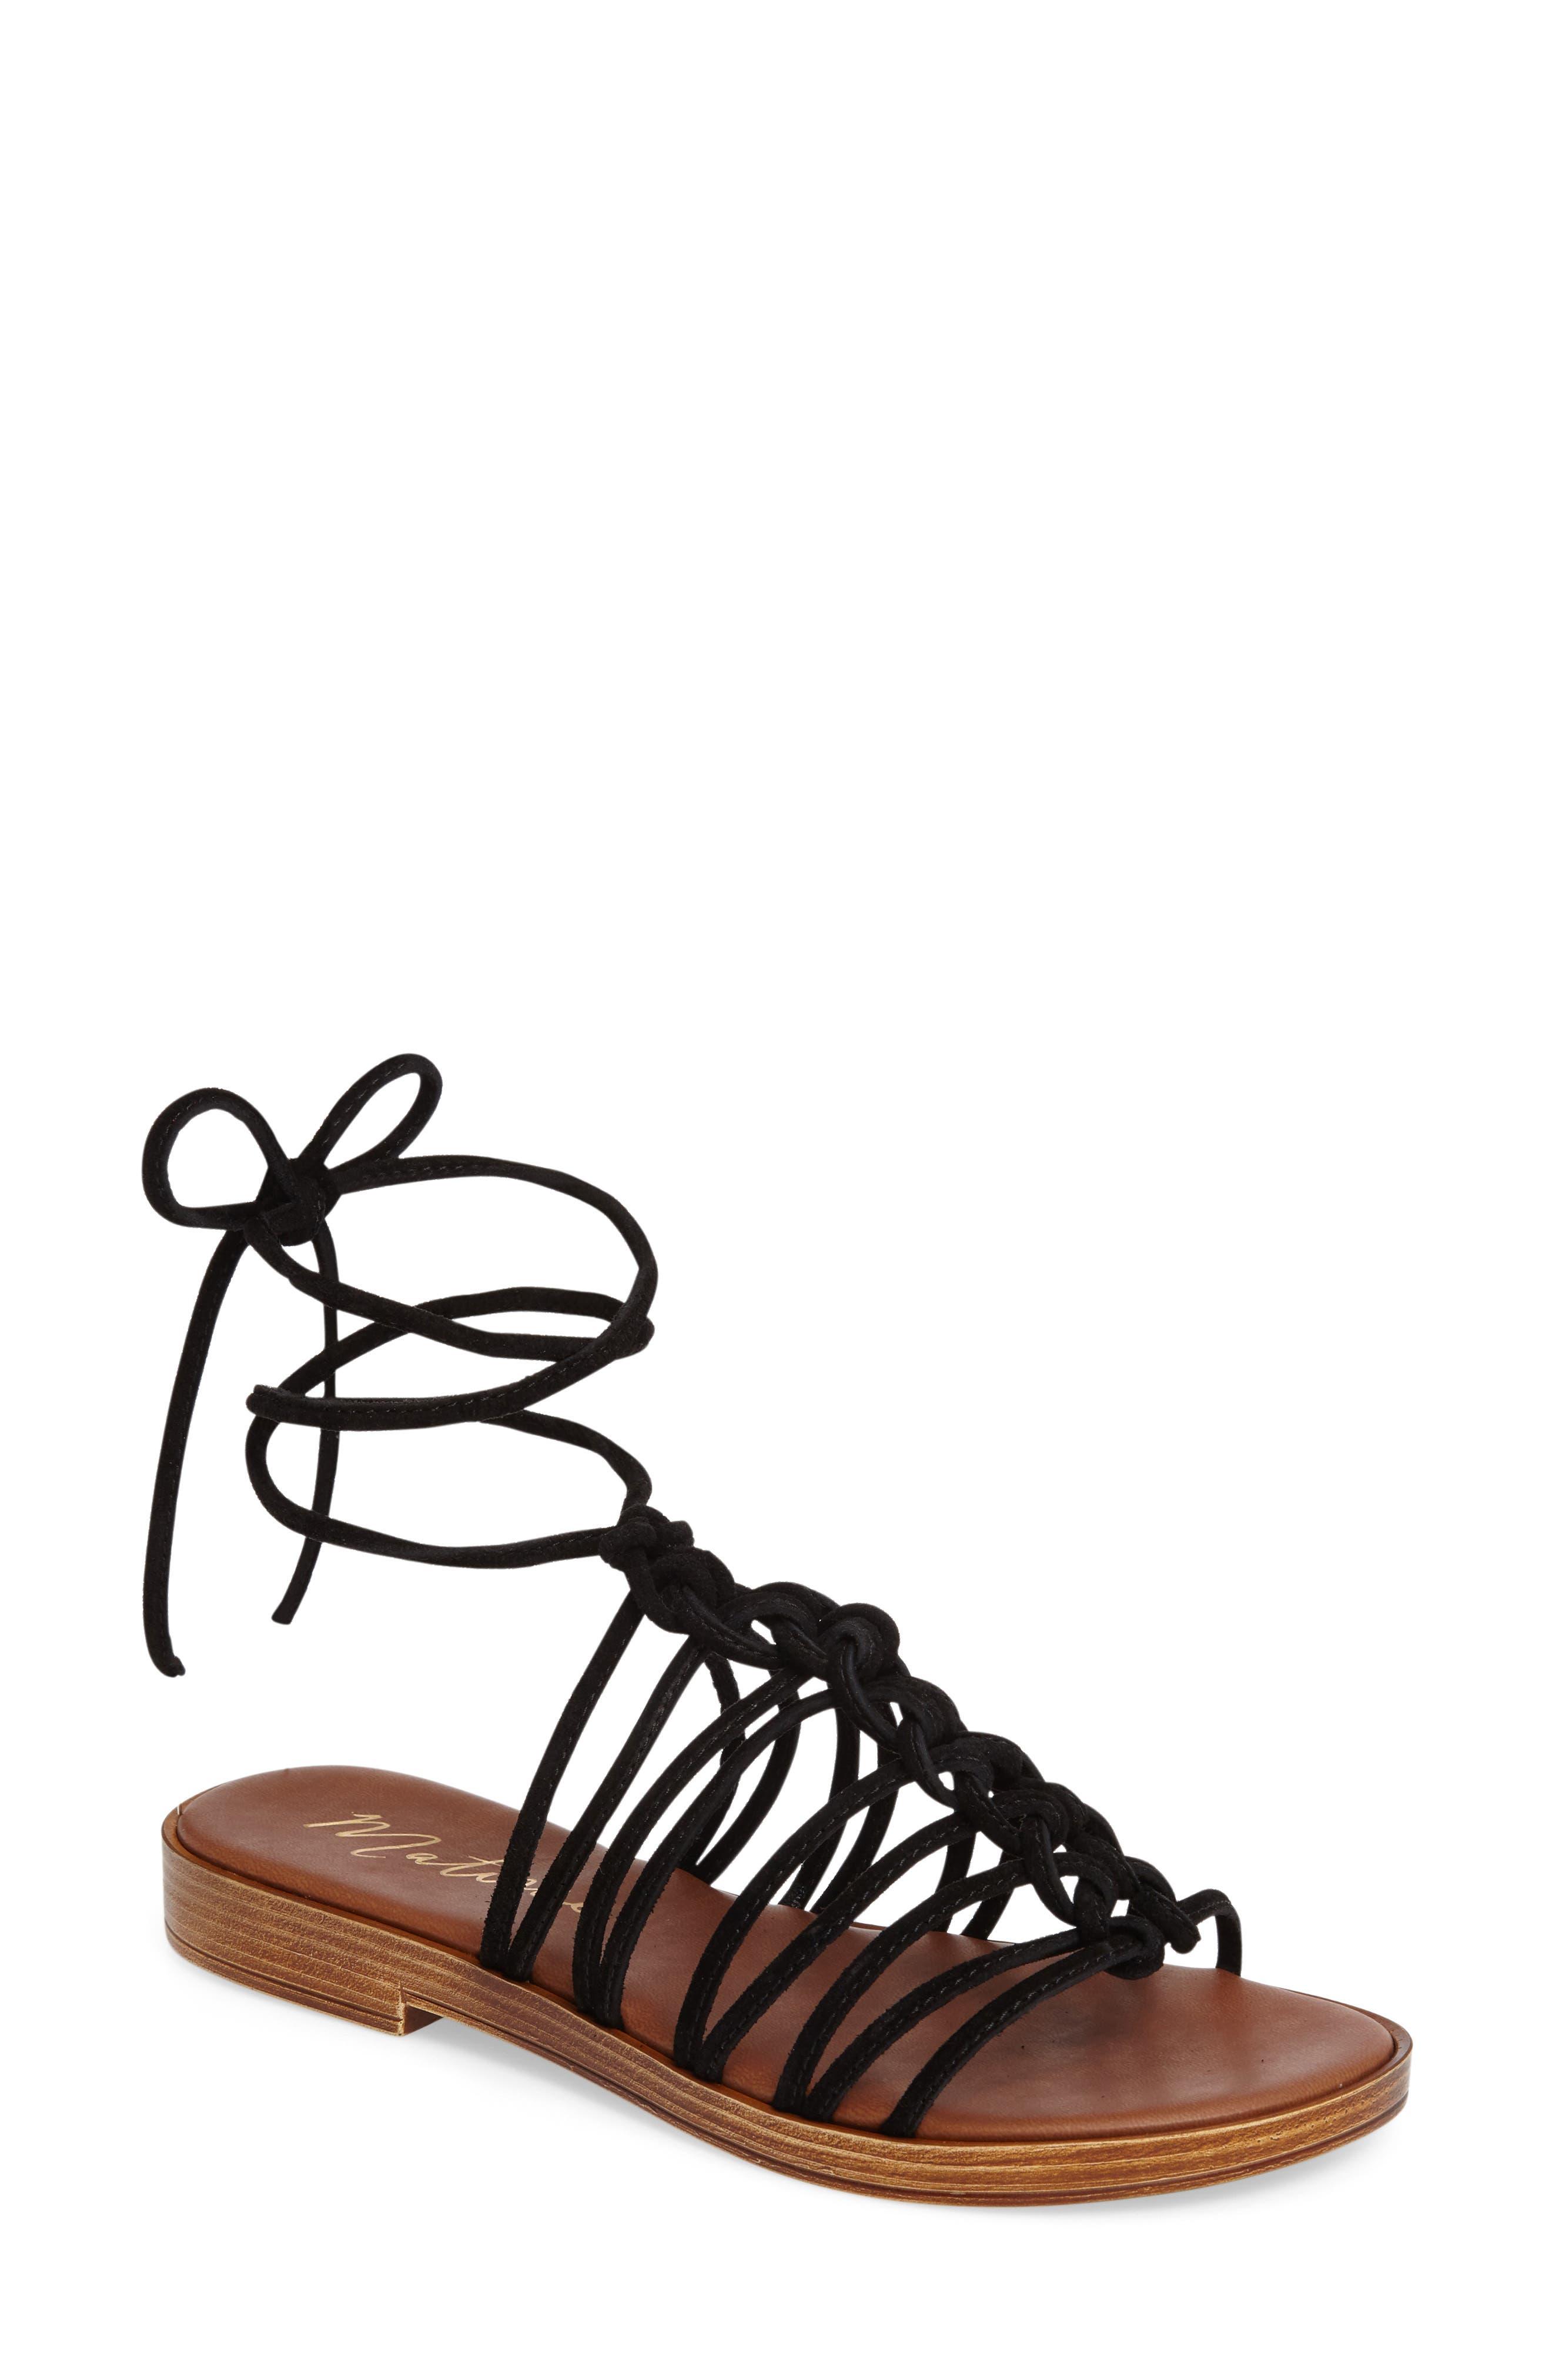 Origin Lace-Up Sandal,                         Main,                         color, 017